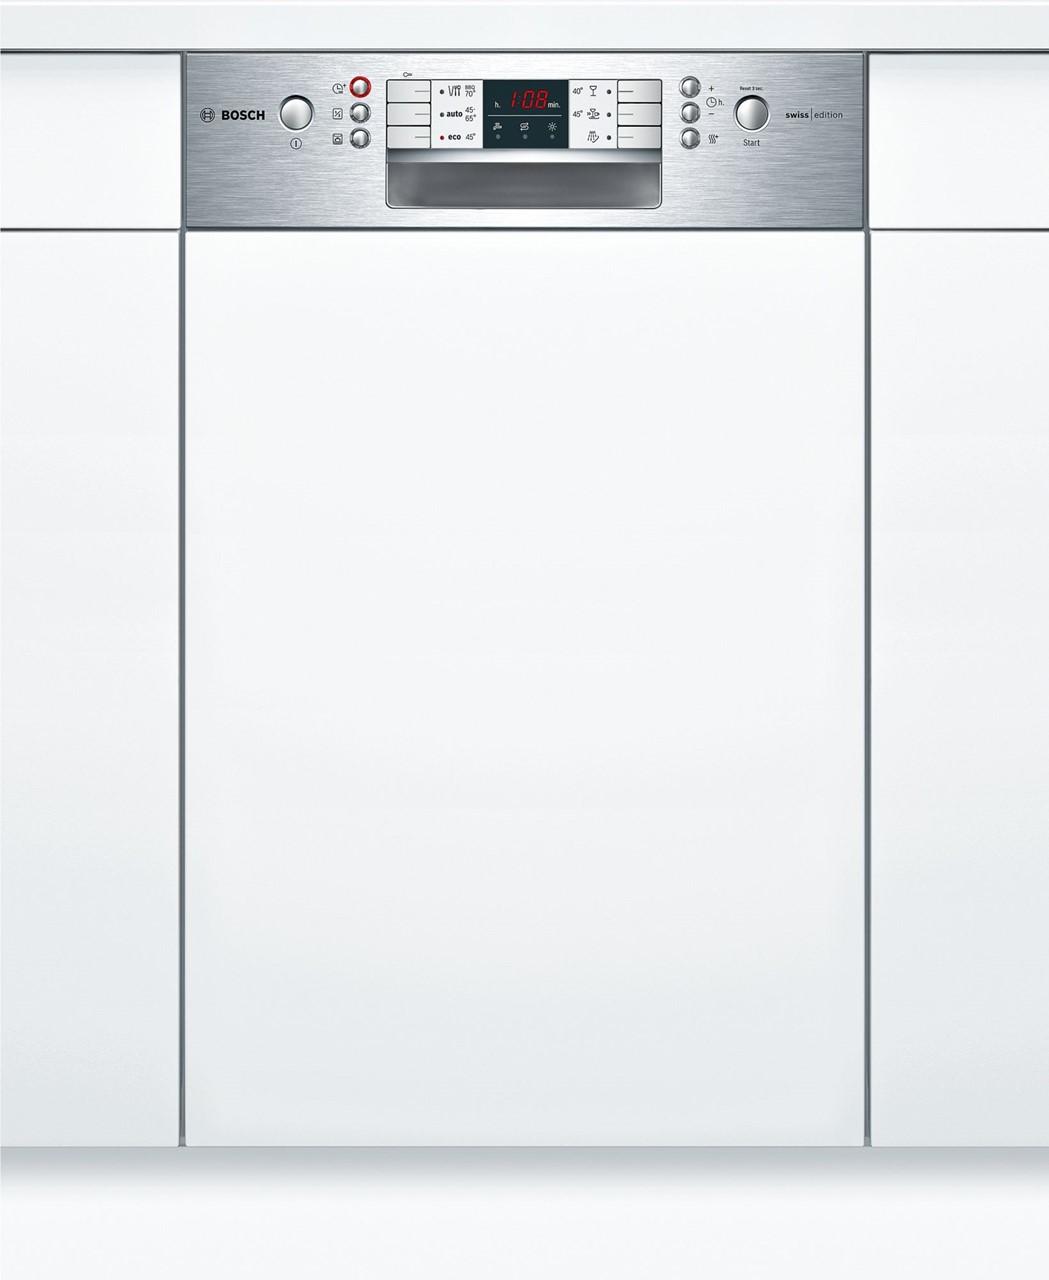 bosch integrierter geschirrsp ler 45cm edelstahl spi63m05ch silver tech gmbh qualit t f r